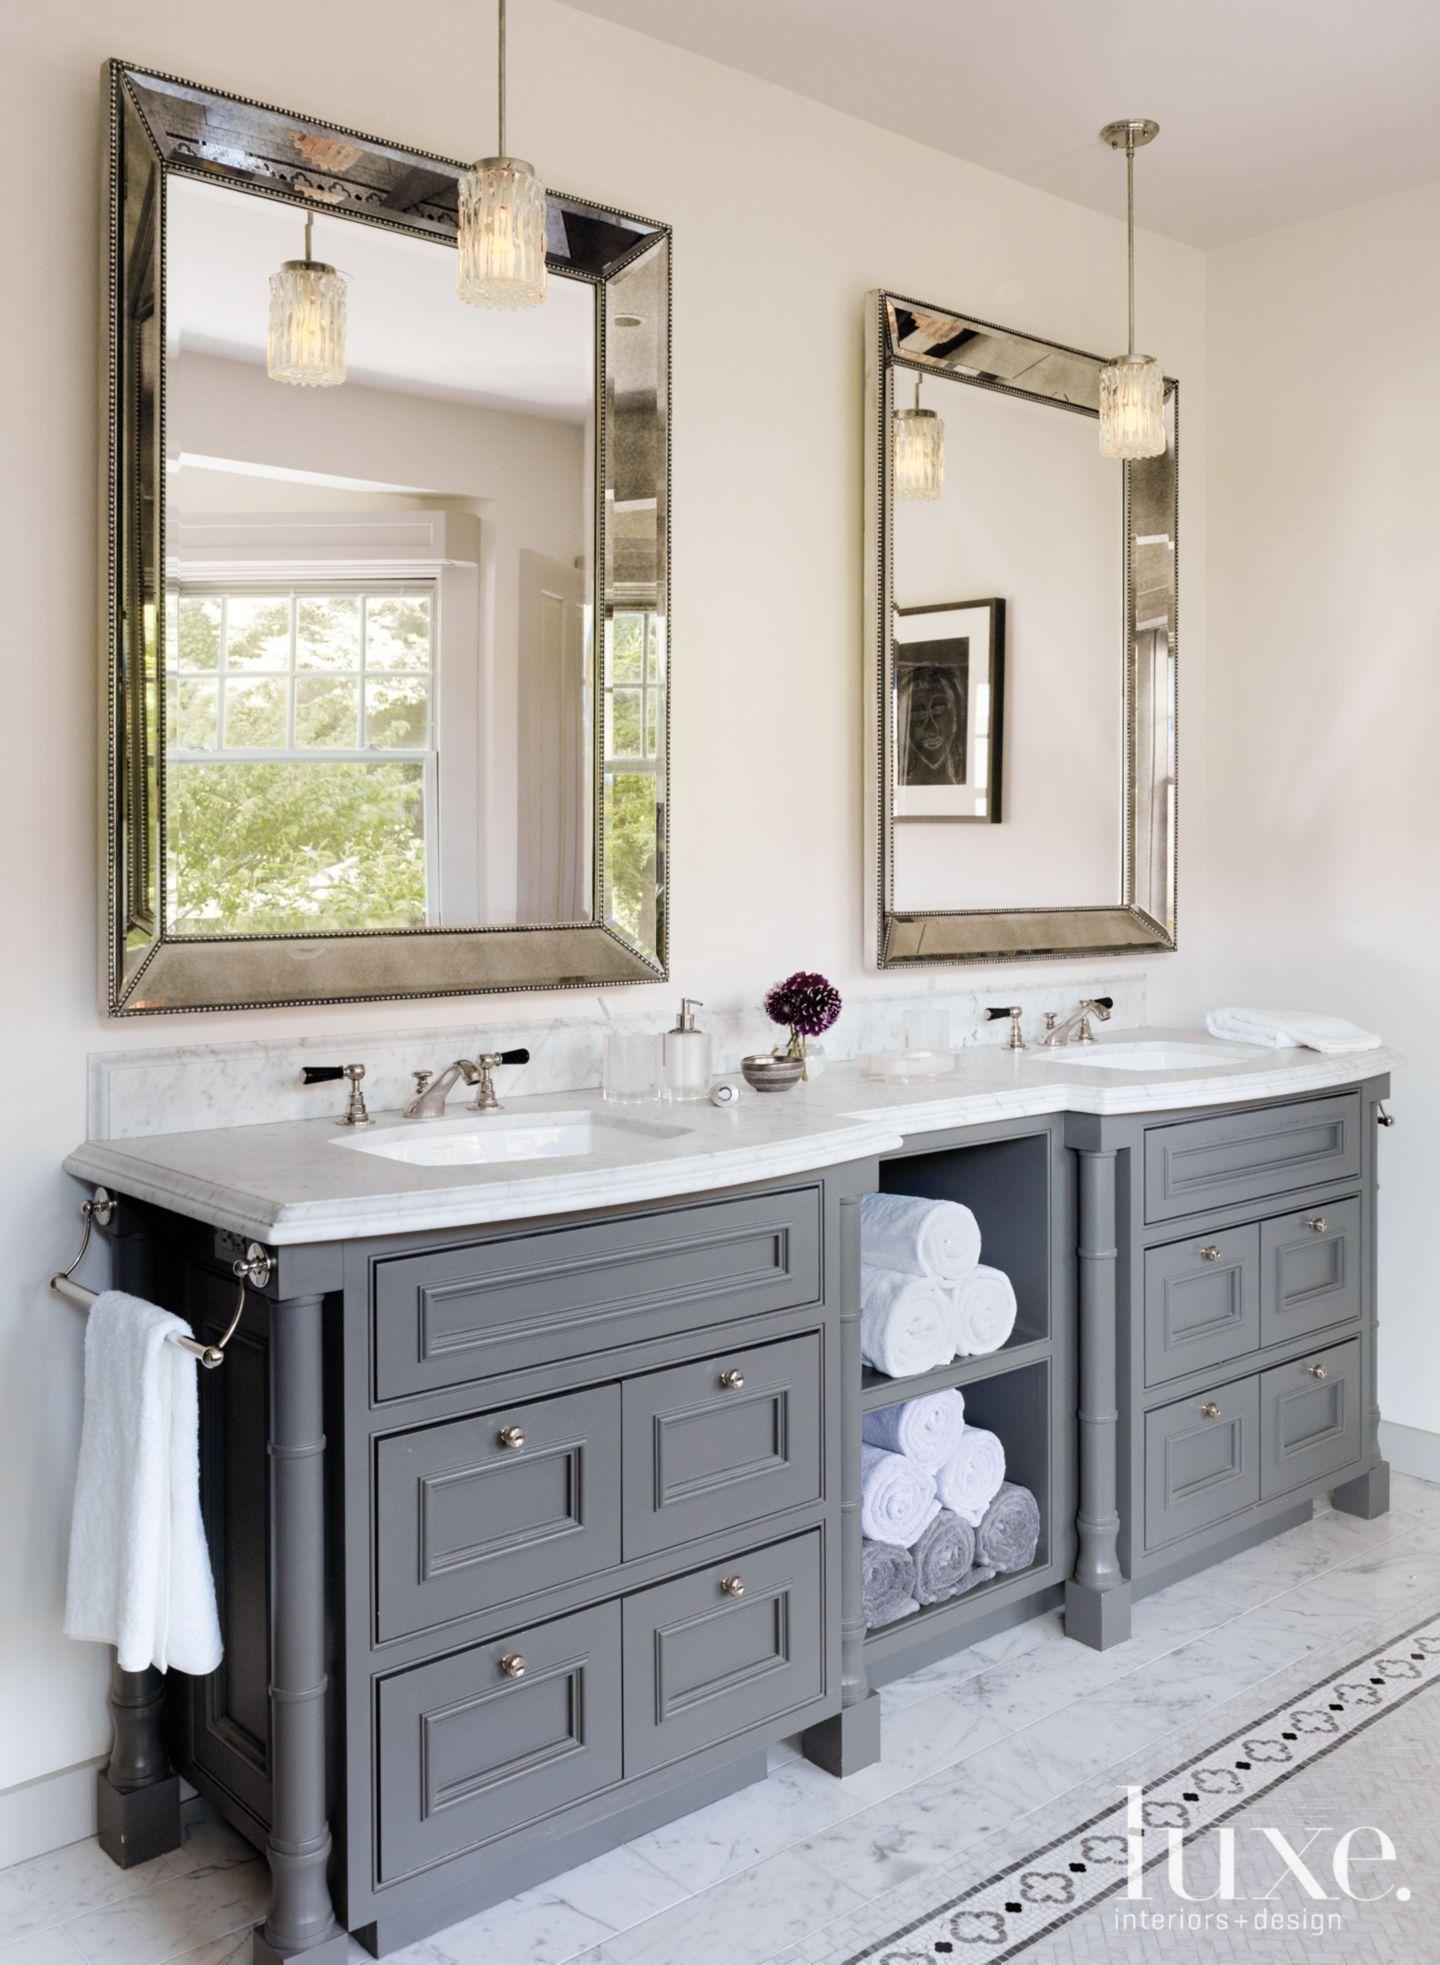 Wholesale Bathroom Cabinets And Vanities 2021 Double Vanity Bathroom Cheap Bathroom Vanities Master Bathroom Vanity [ 1965 x 1440 Pixel ]